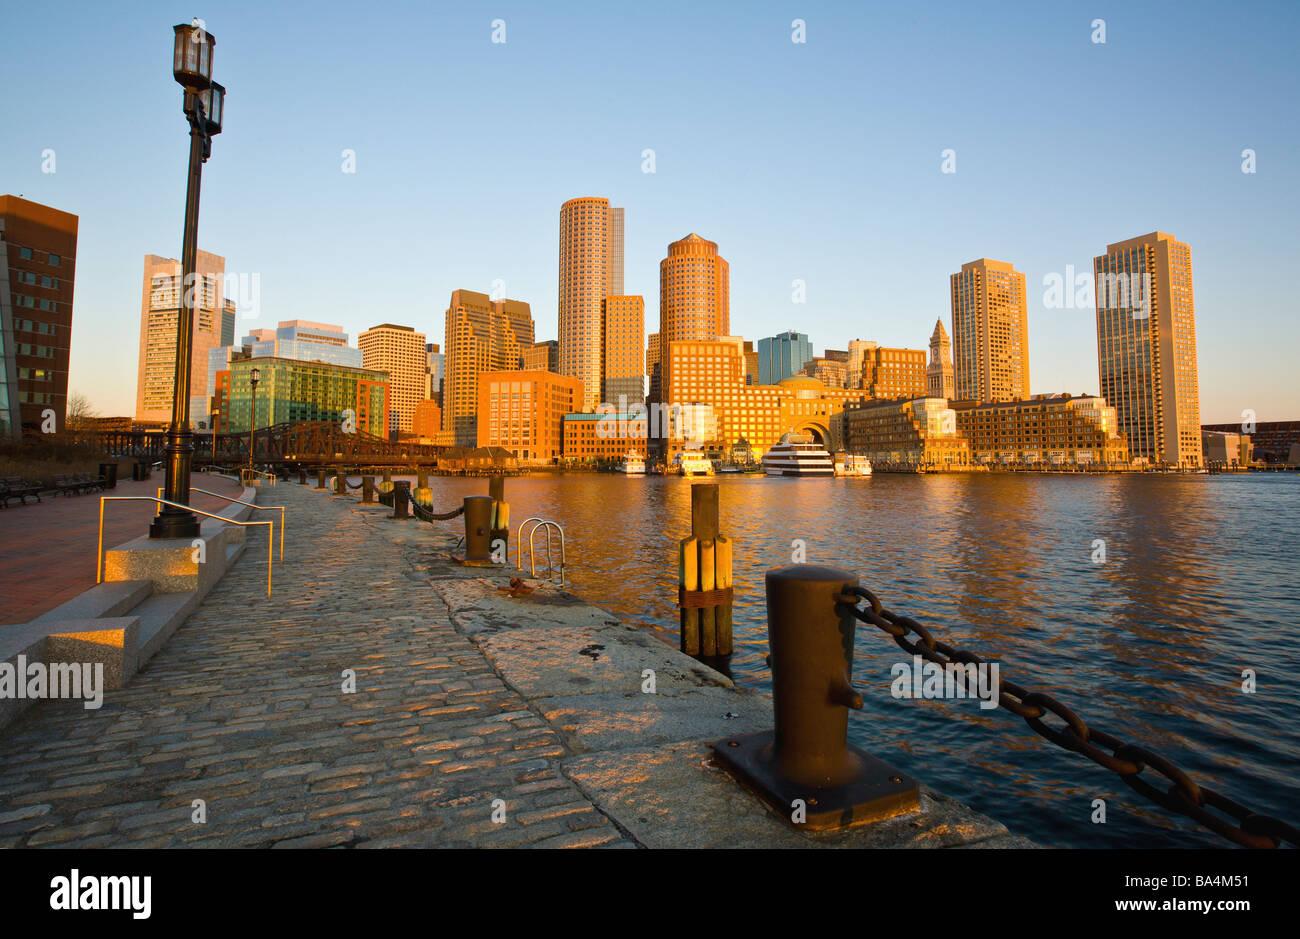 Il Boston Harbor skyline e waterfront presso sunrise, quartiere finanziario Immagini Stock